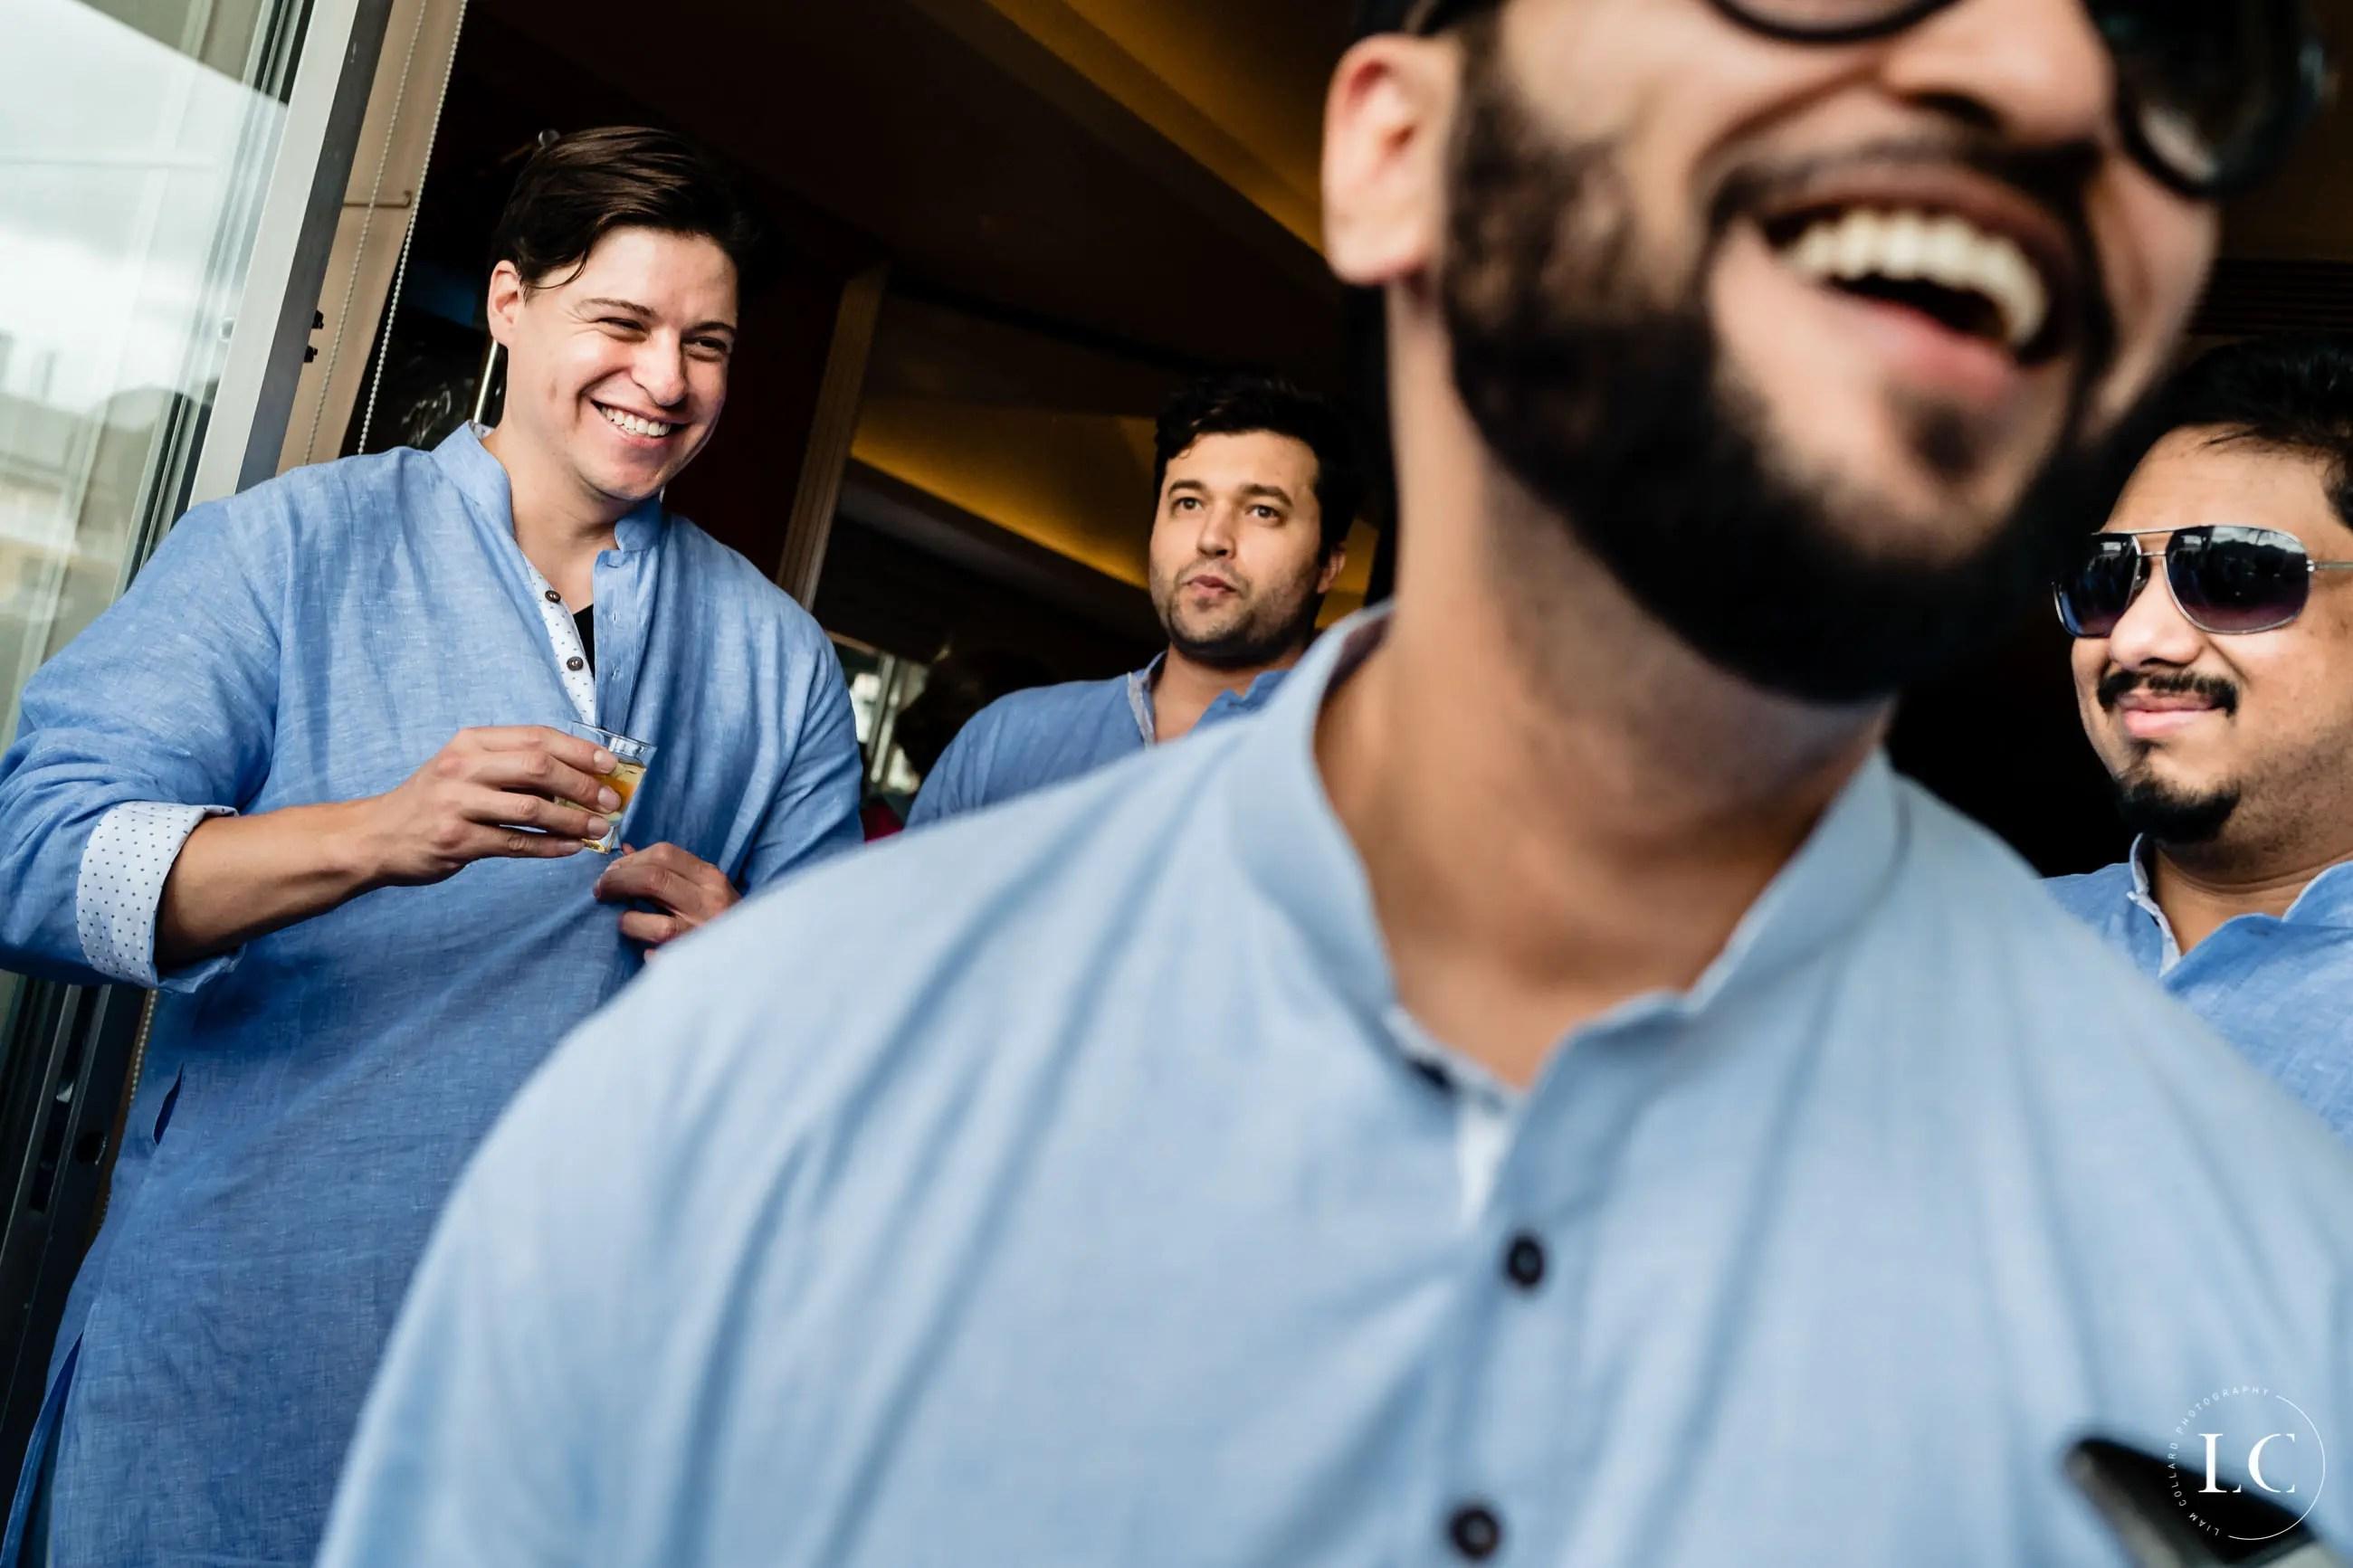 People laughing at wedding